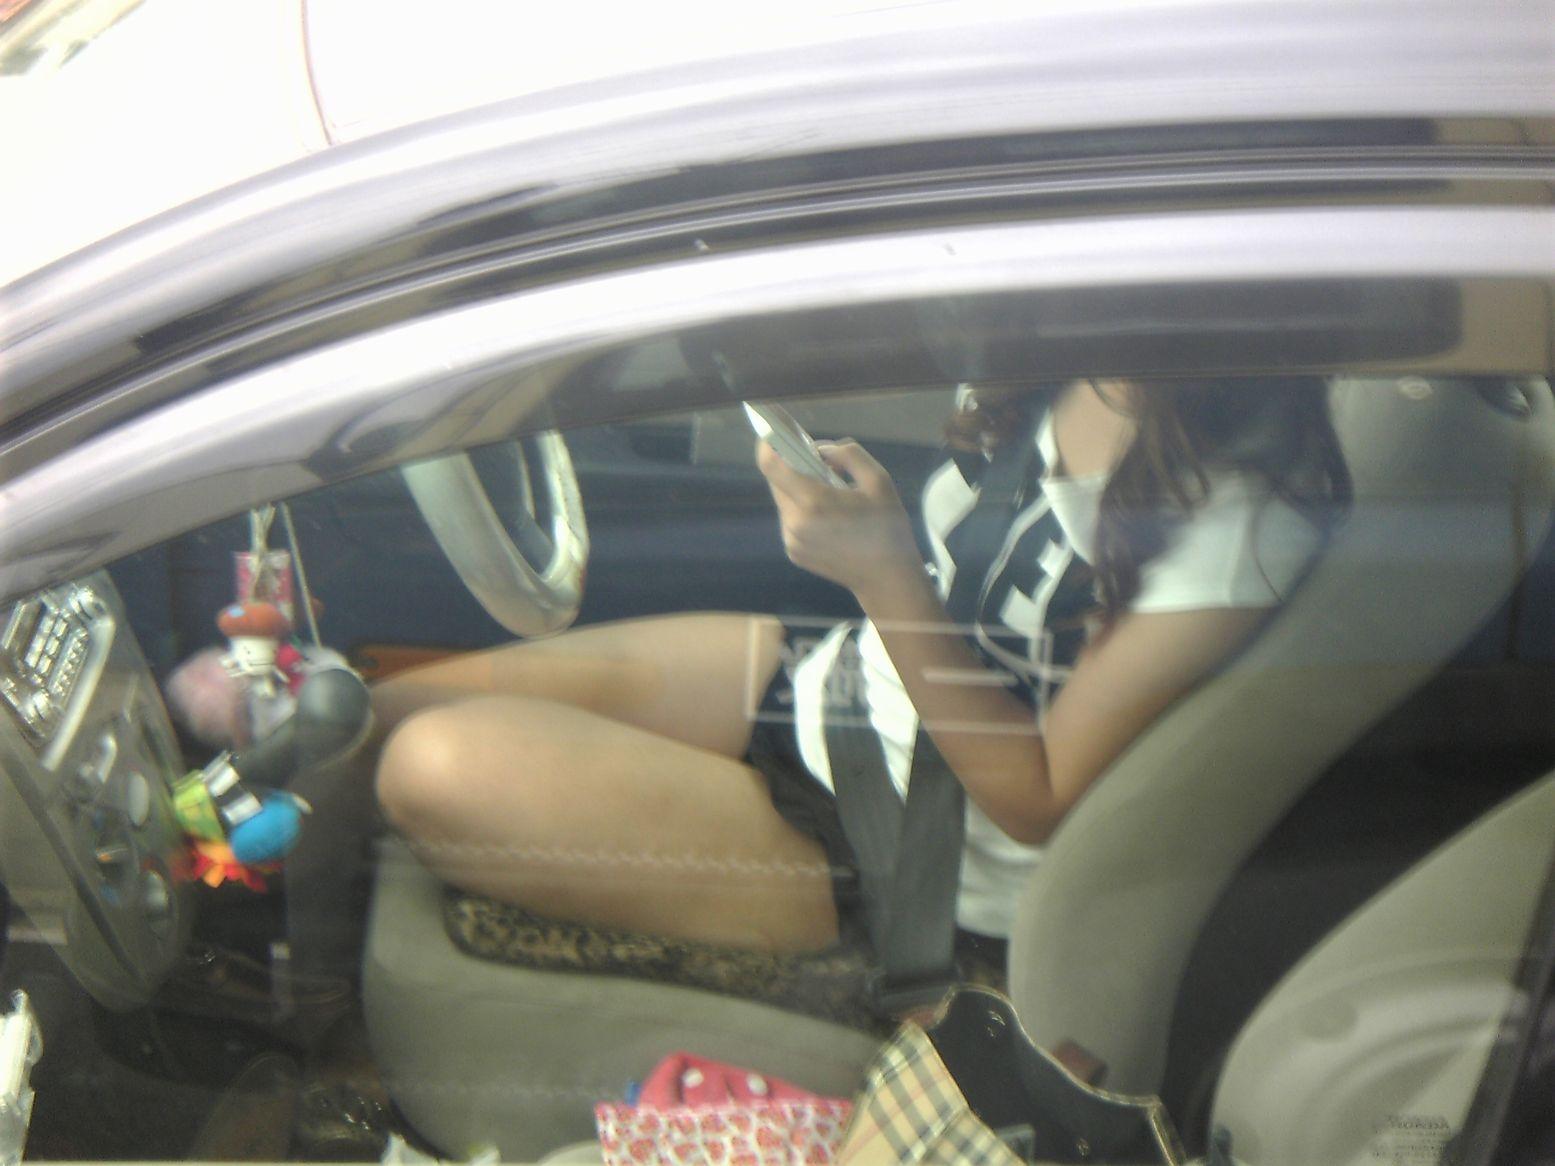 【車内パンチラエロ画像】ミニスカで車の乗ってるおねーさ~ん、バスの乗客やトラックの運ちゃんはパンチラ拝んでまっせぇ~wwww その1